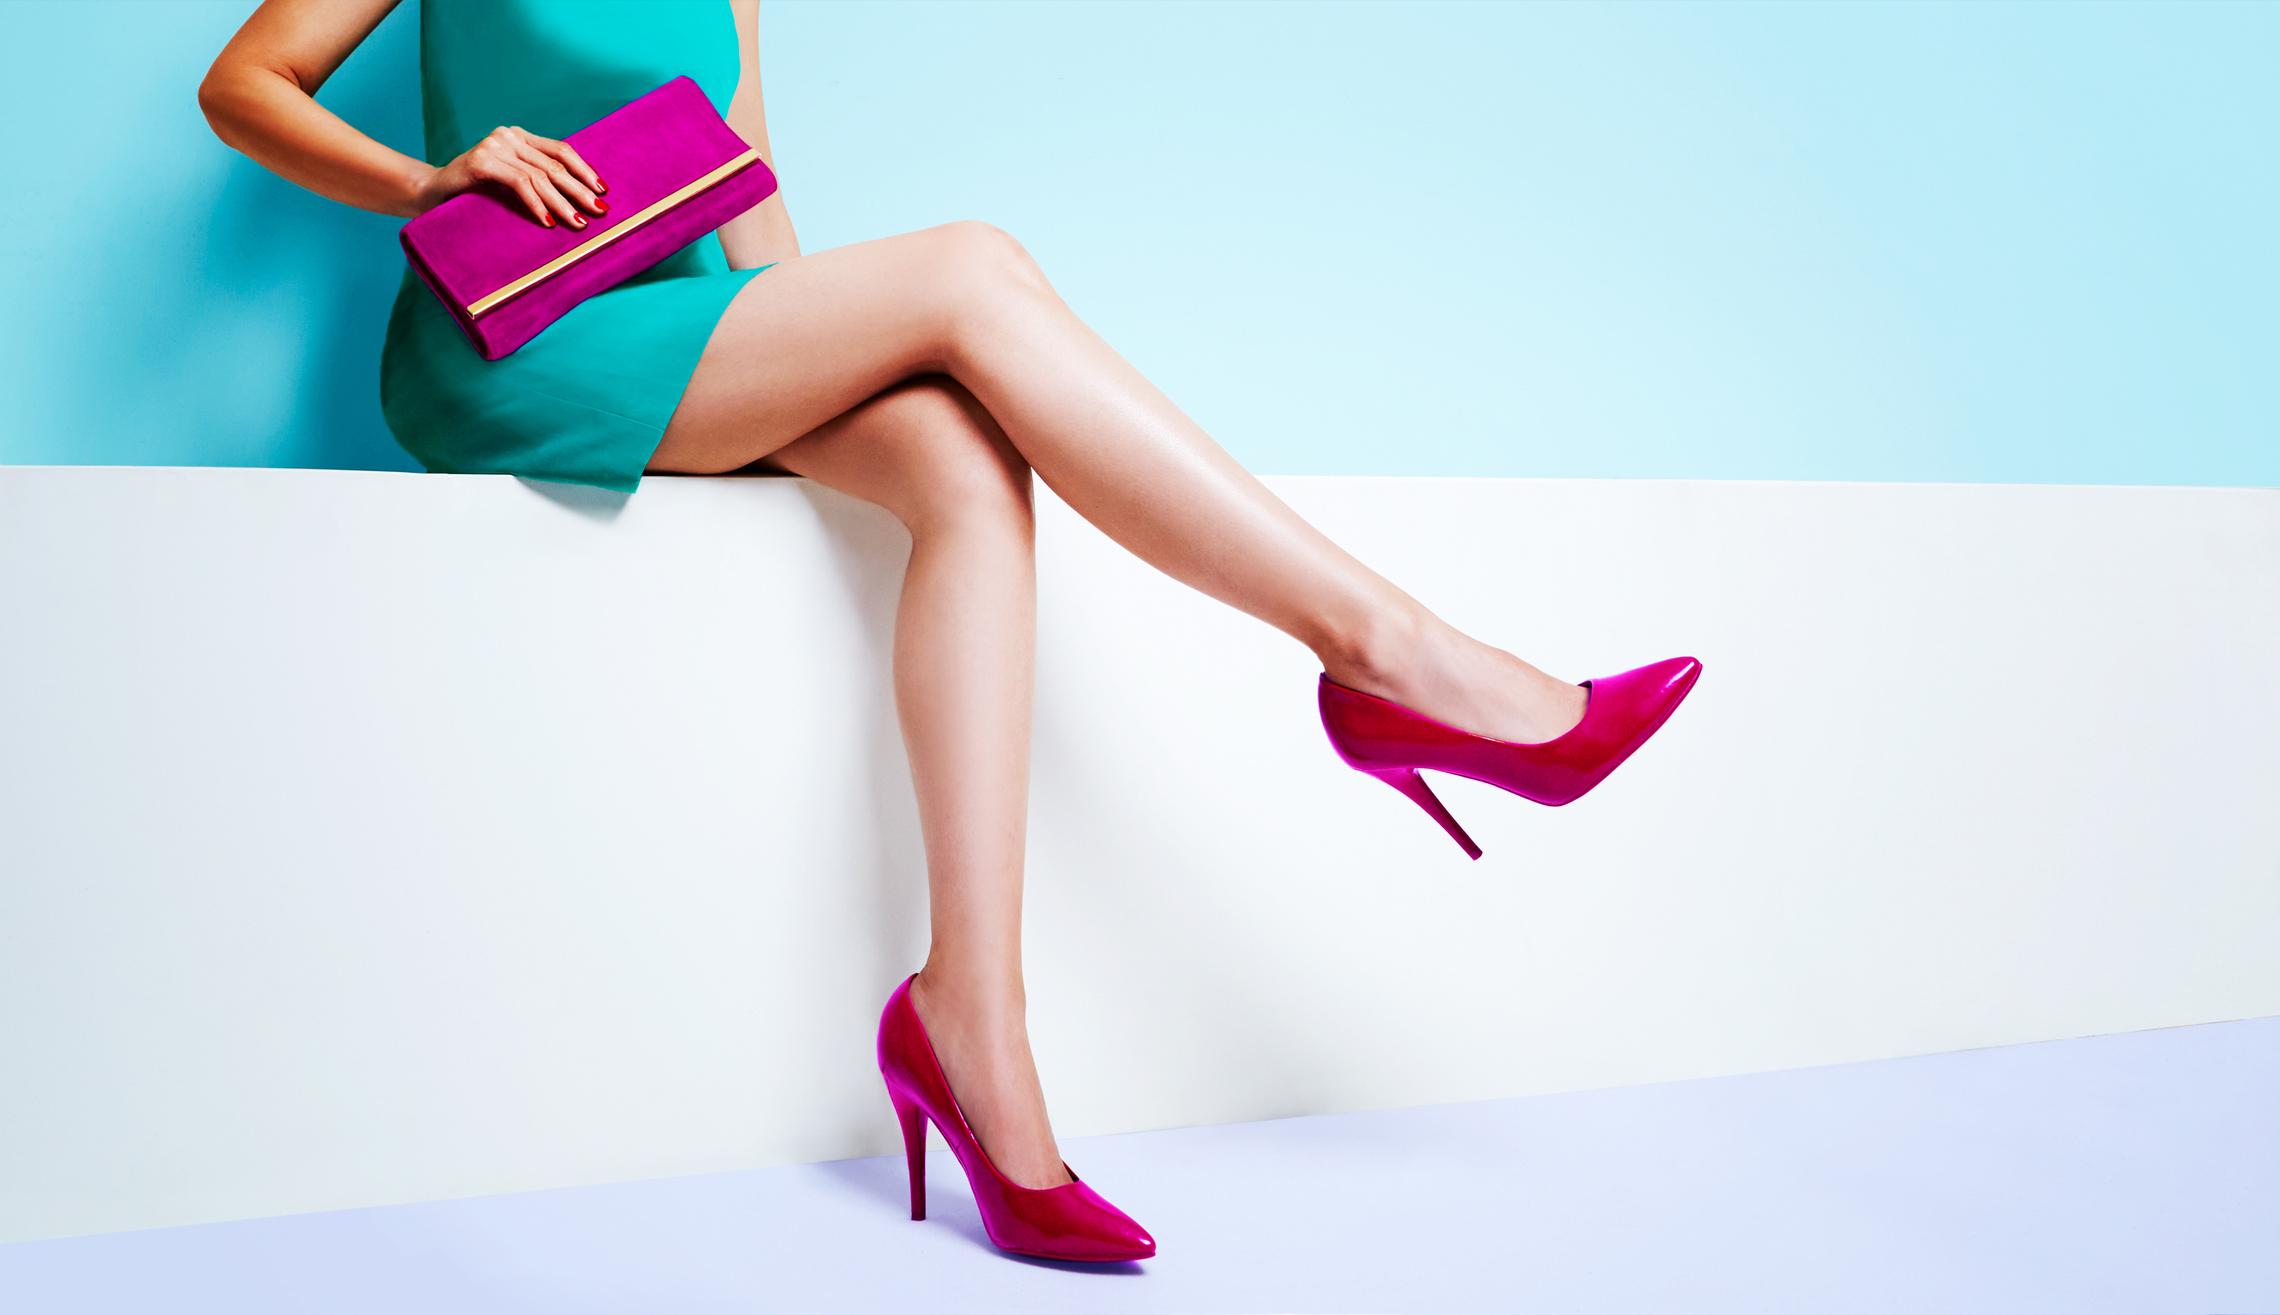 fehérnemű visszeres lábak számára reklám a visszérkrémről